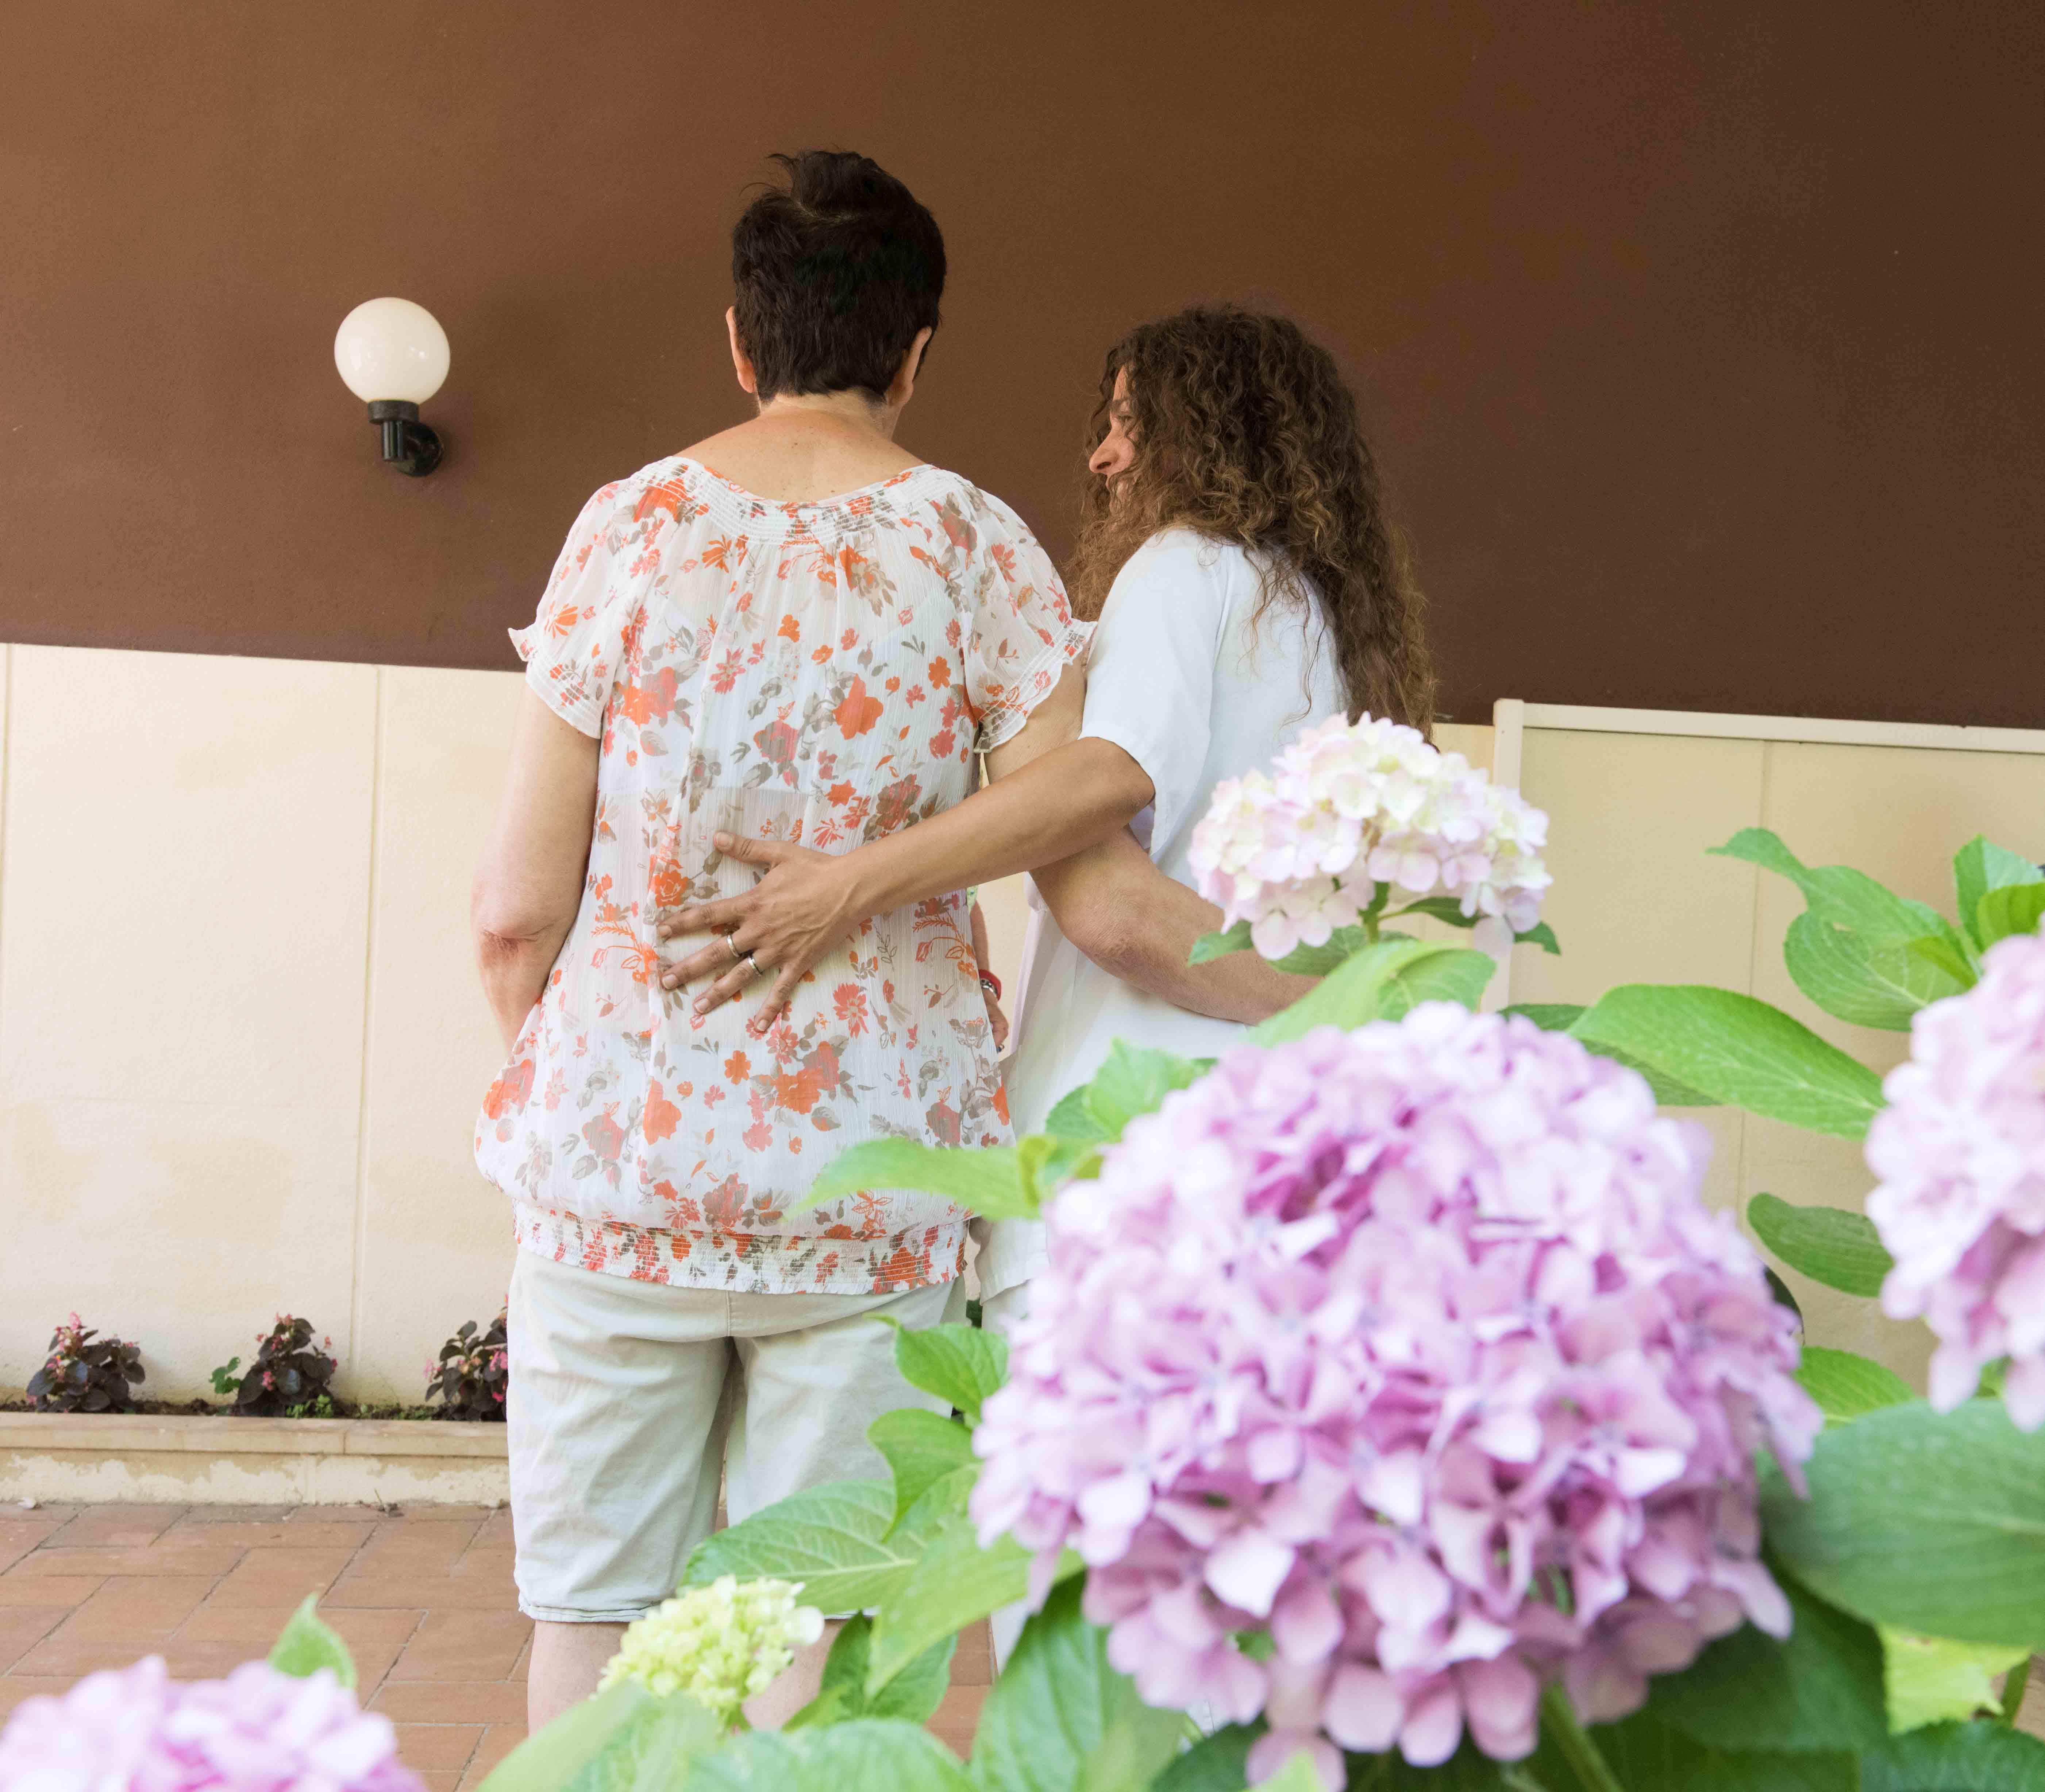 Hospitalitat principal valor que mou les nostres accions. Pacient i cuidadora flors